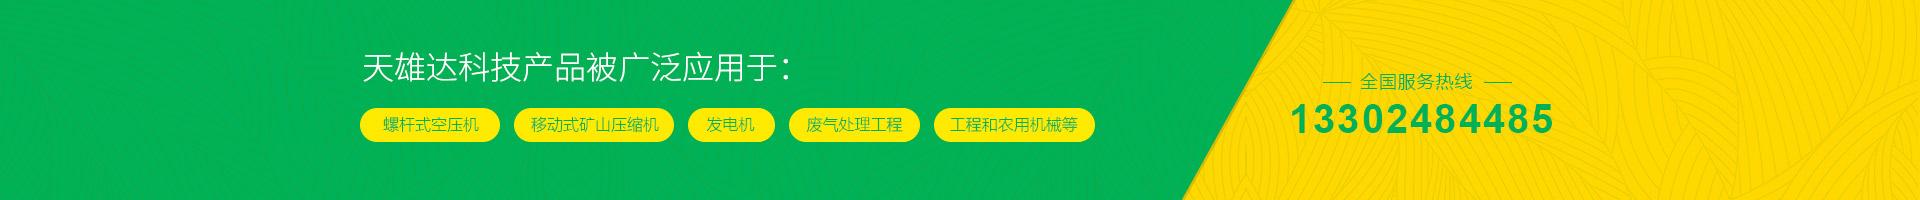 全国服务热线深圳天雄达科技公司